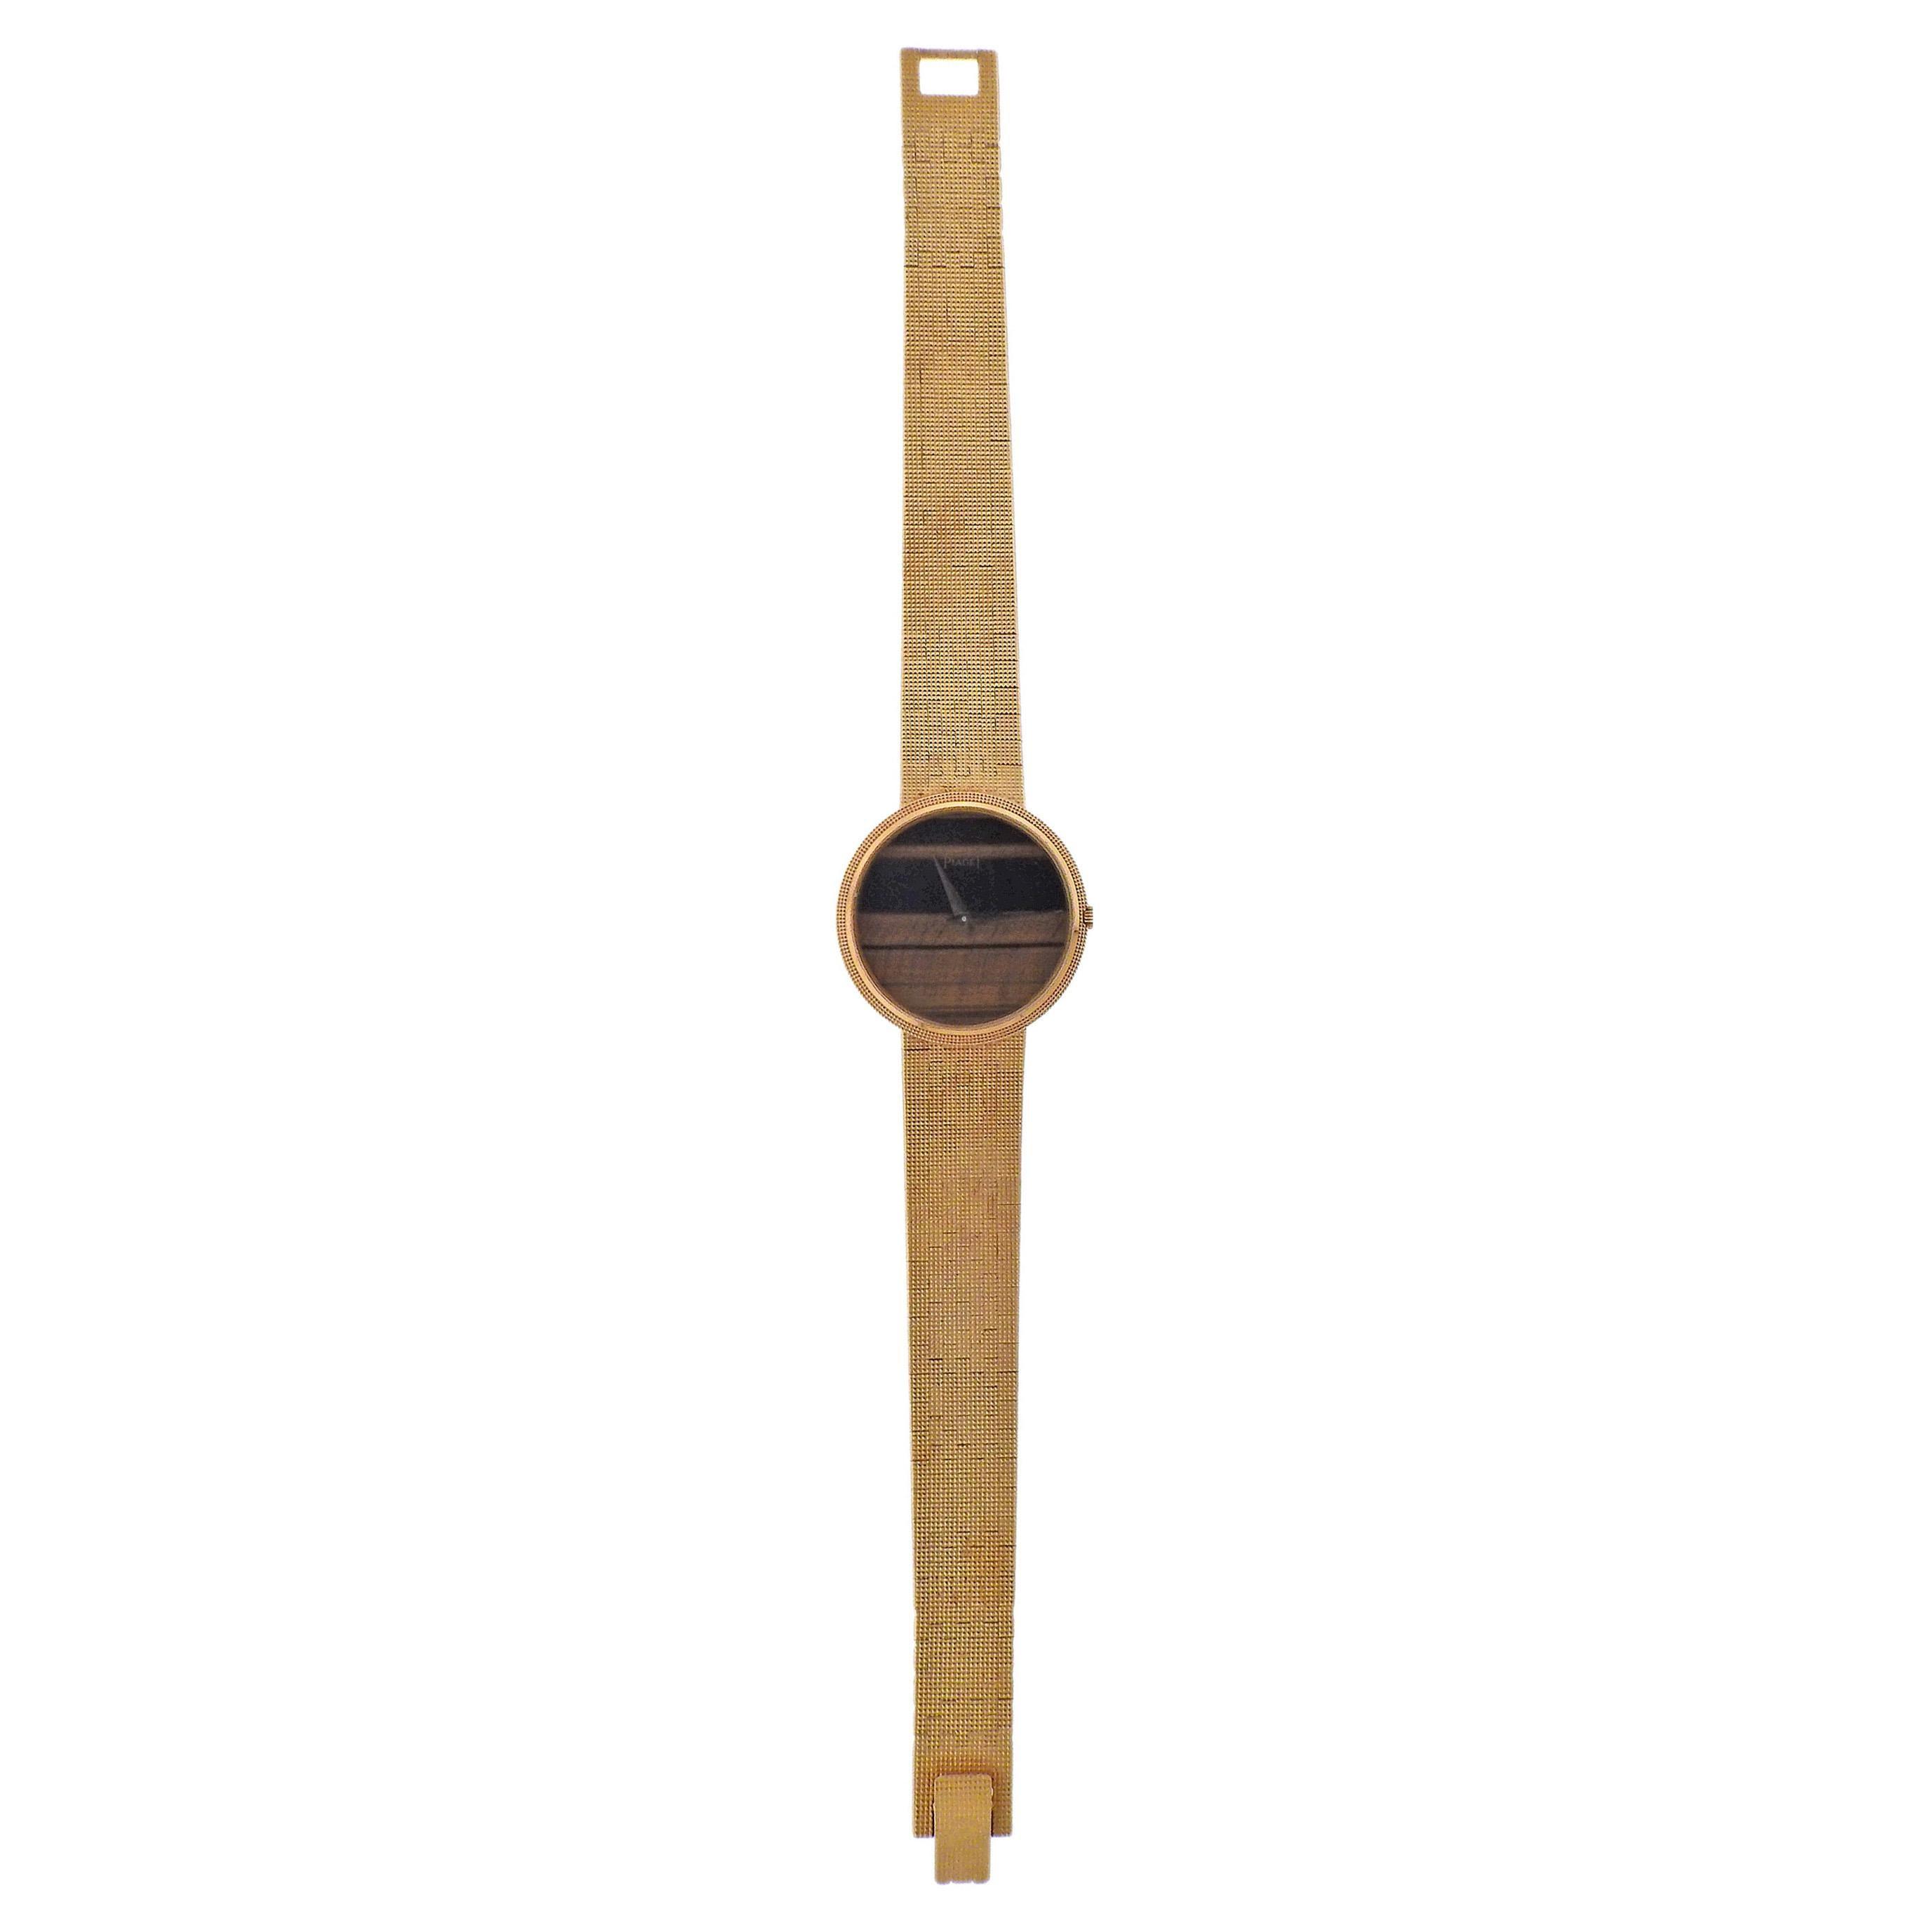 Piaget 1970s Tiger's Eye Gold Watch